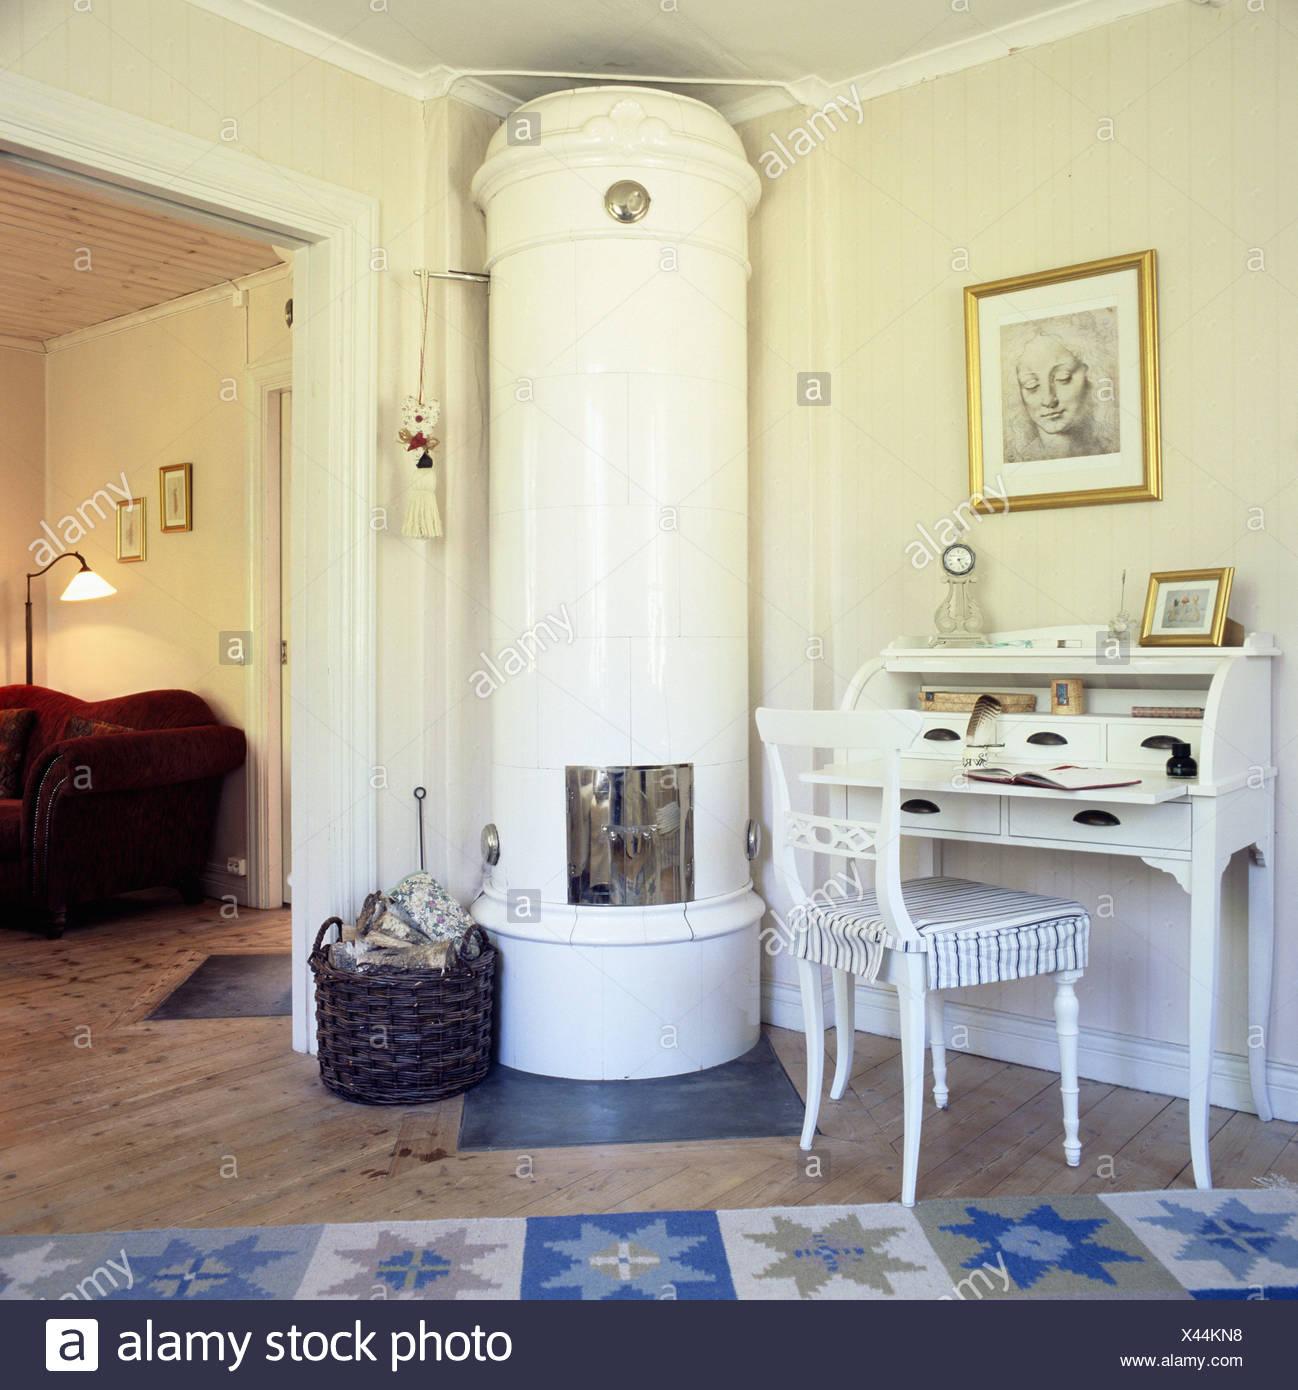 Schwedische Kachelofen Im Wohnzimmer Einer Hutte Mit Einem Traditionellen Schreibtisch Und Ein Rotes Sofa